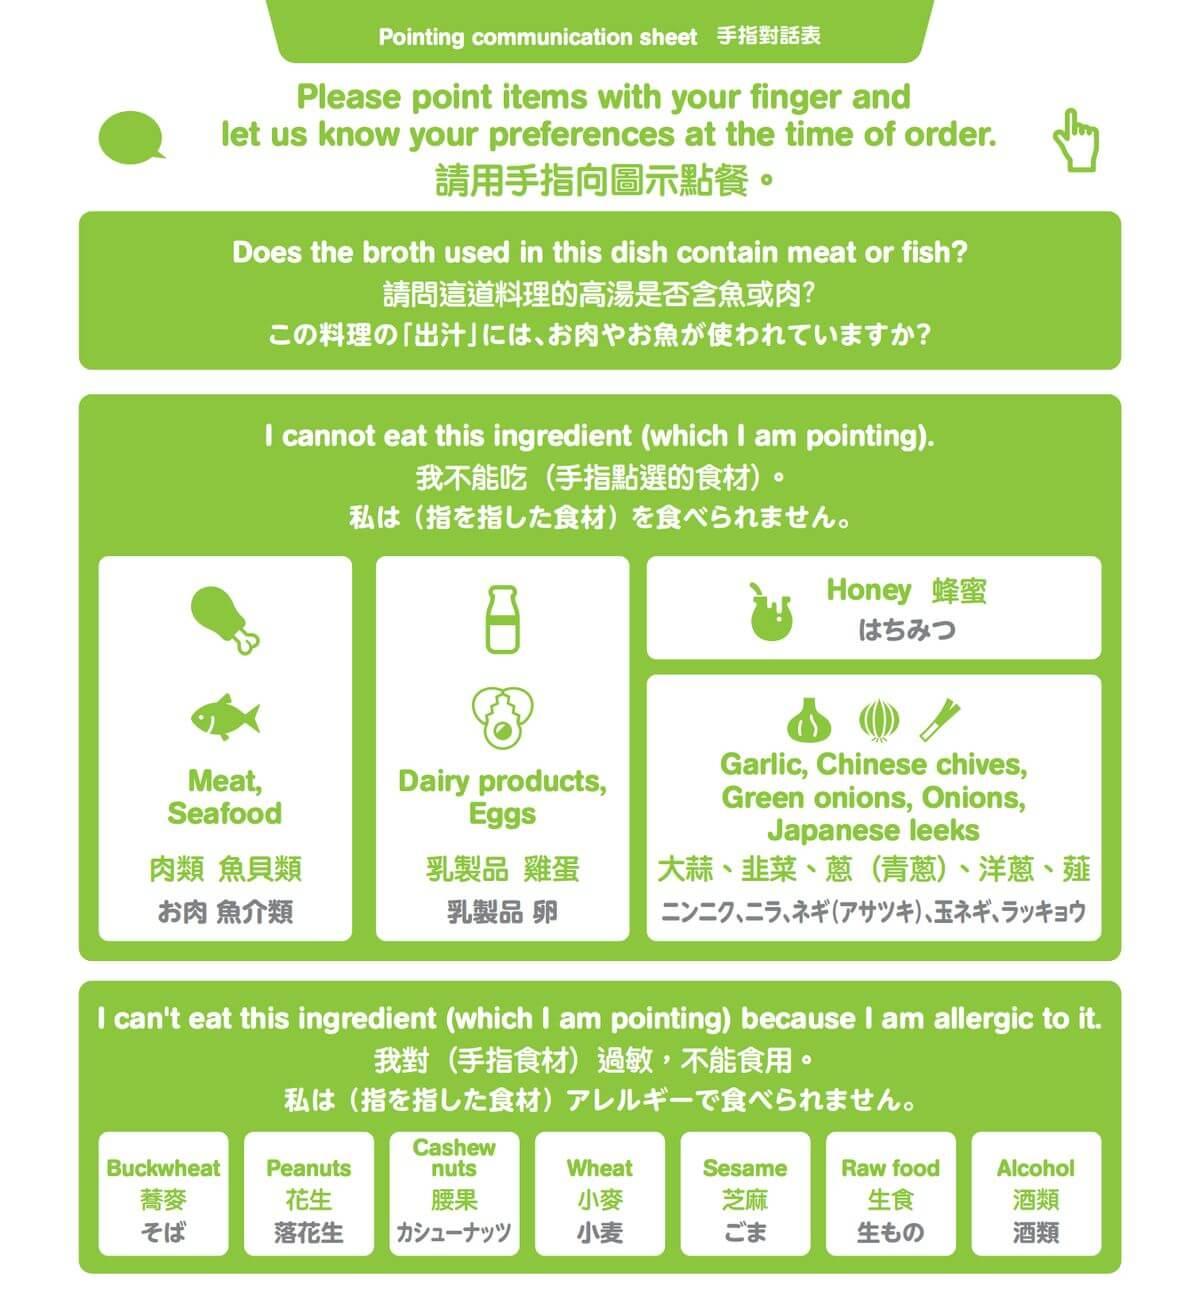 沖繩素食指南書-實用字卡